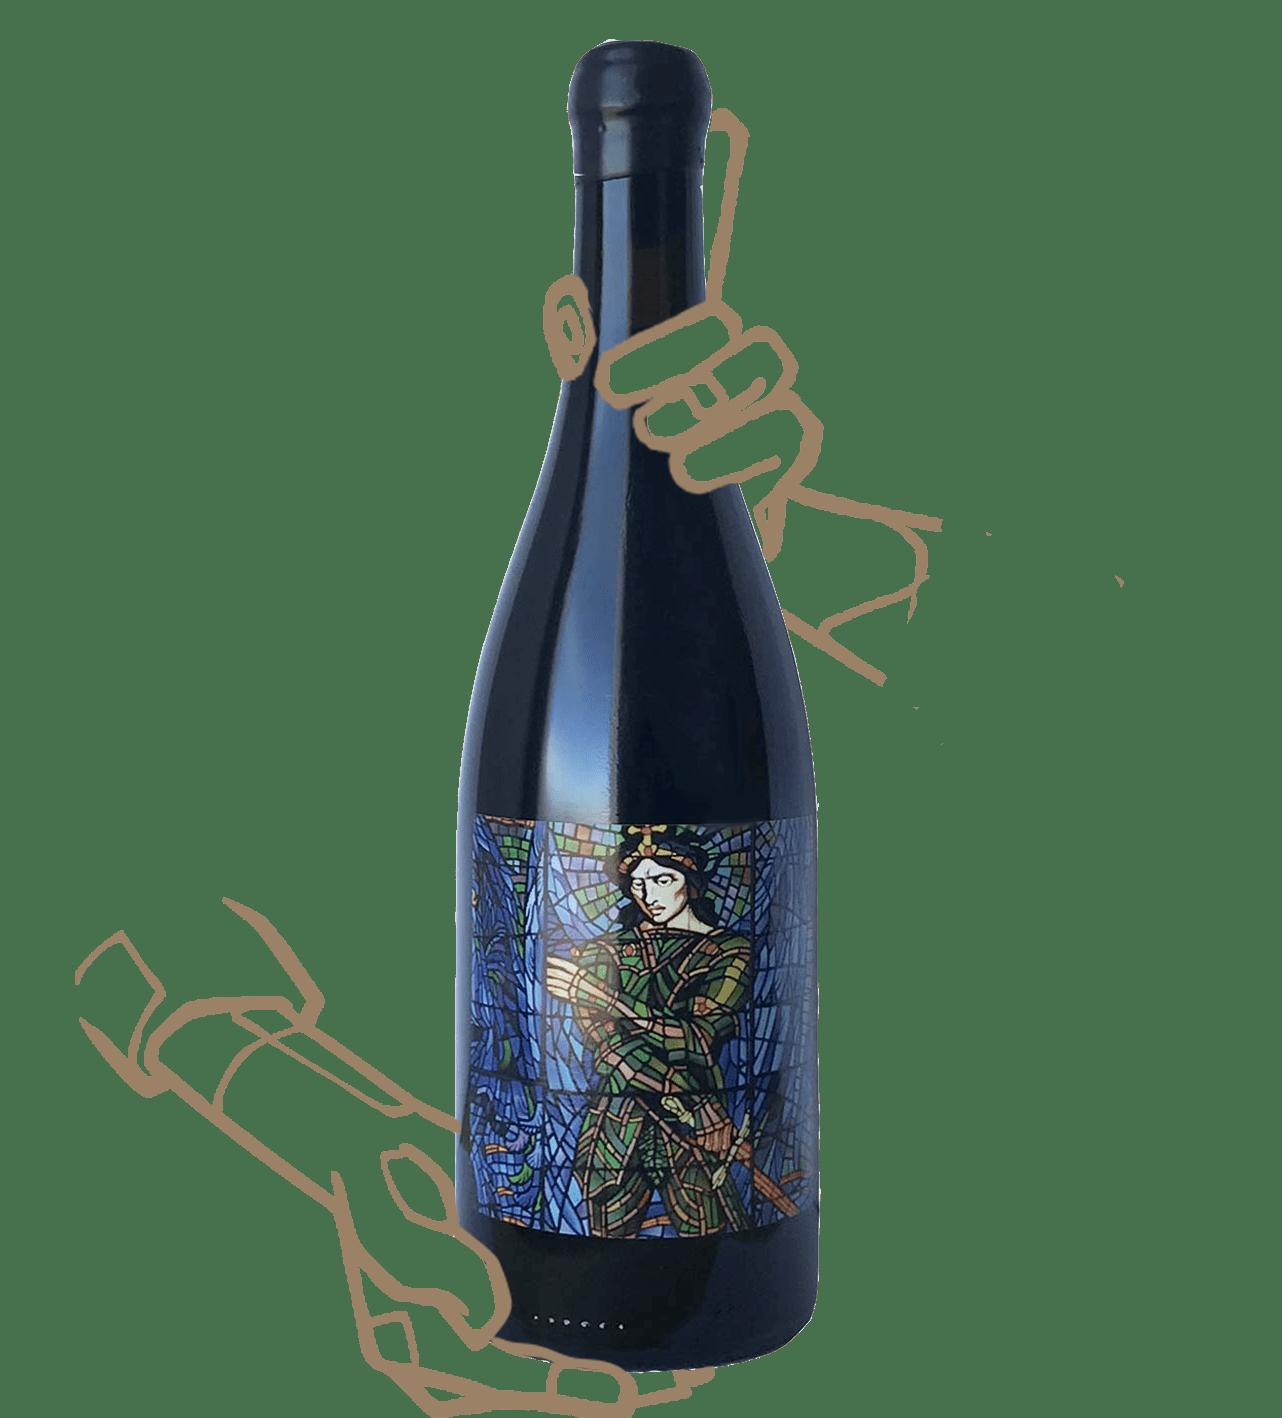 aeterno du temps de copains est un vin naturel de Loire